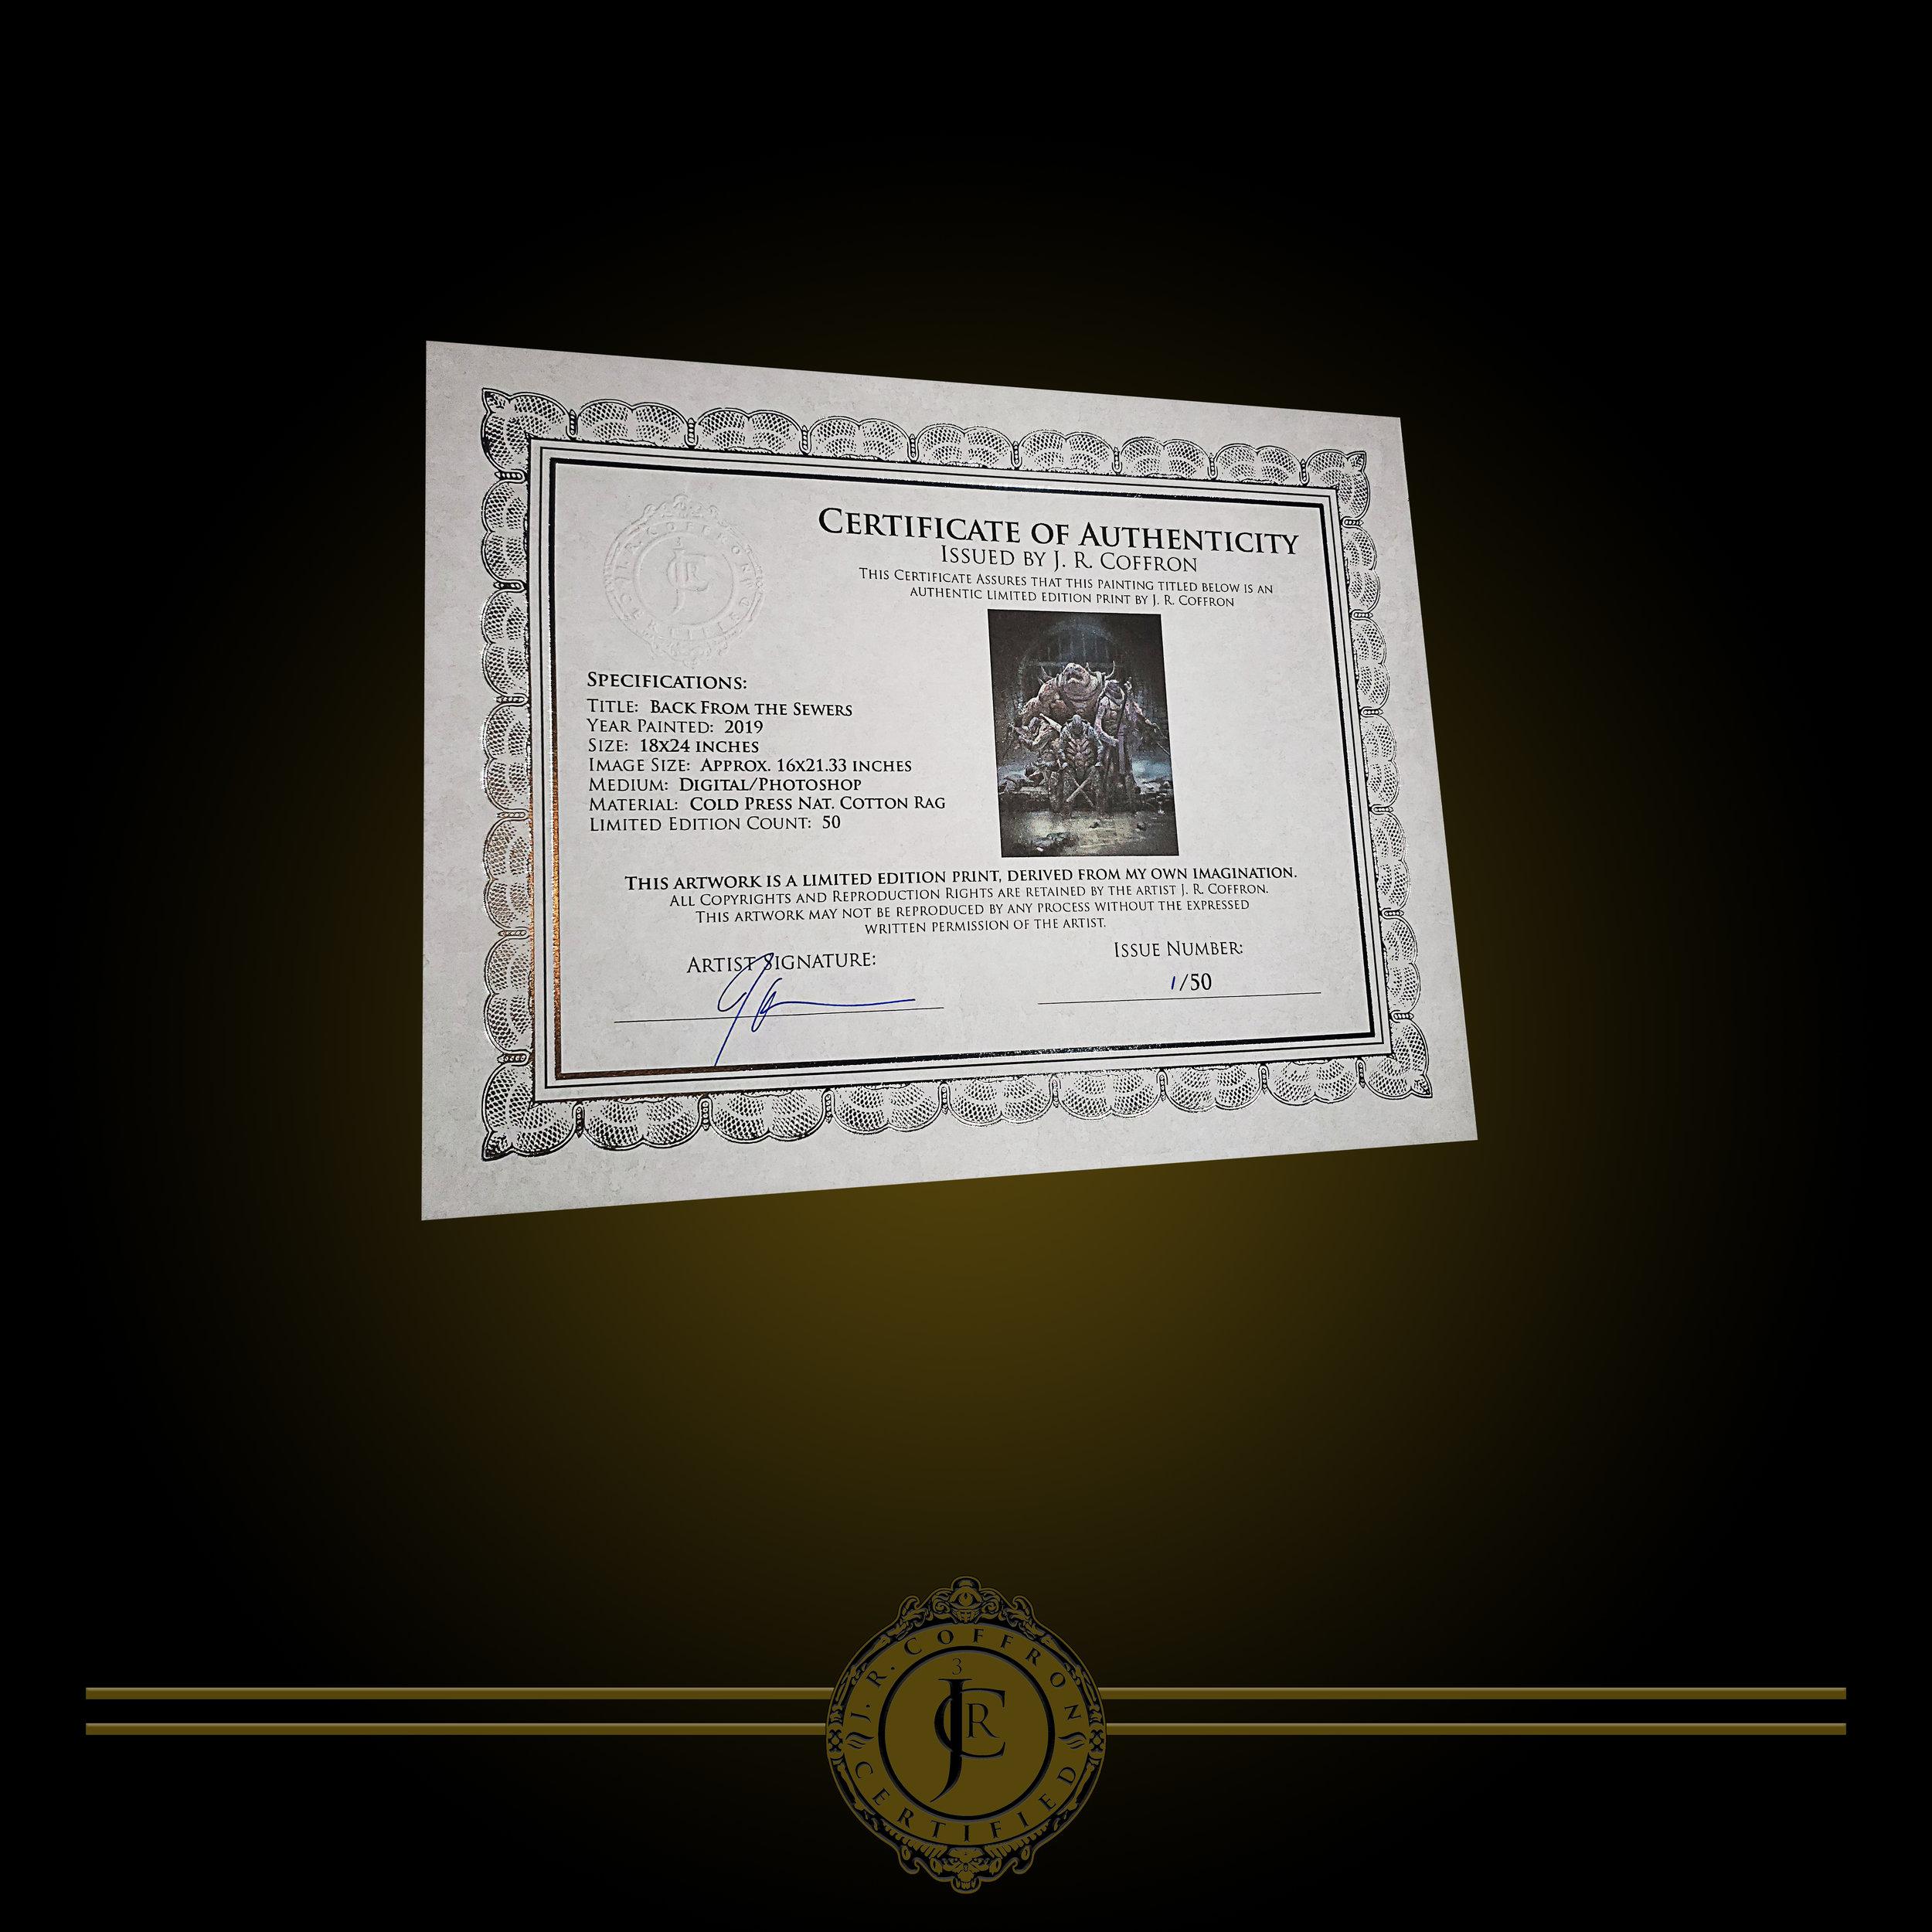 tmnt_certificate.jpg